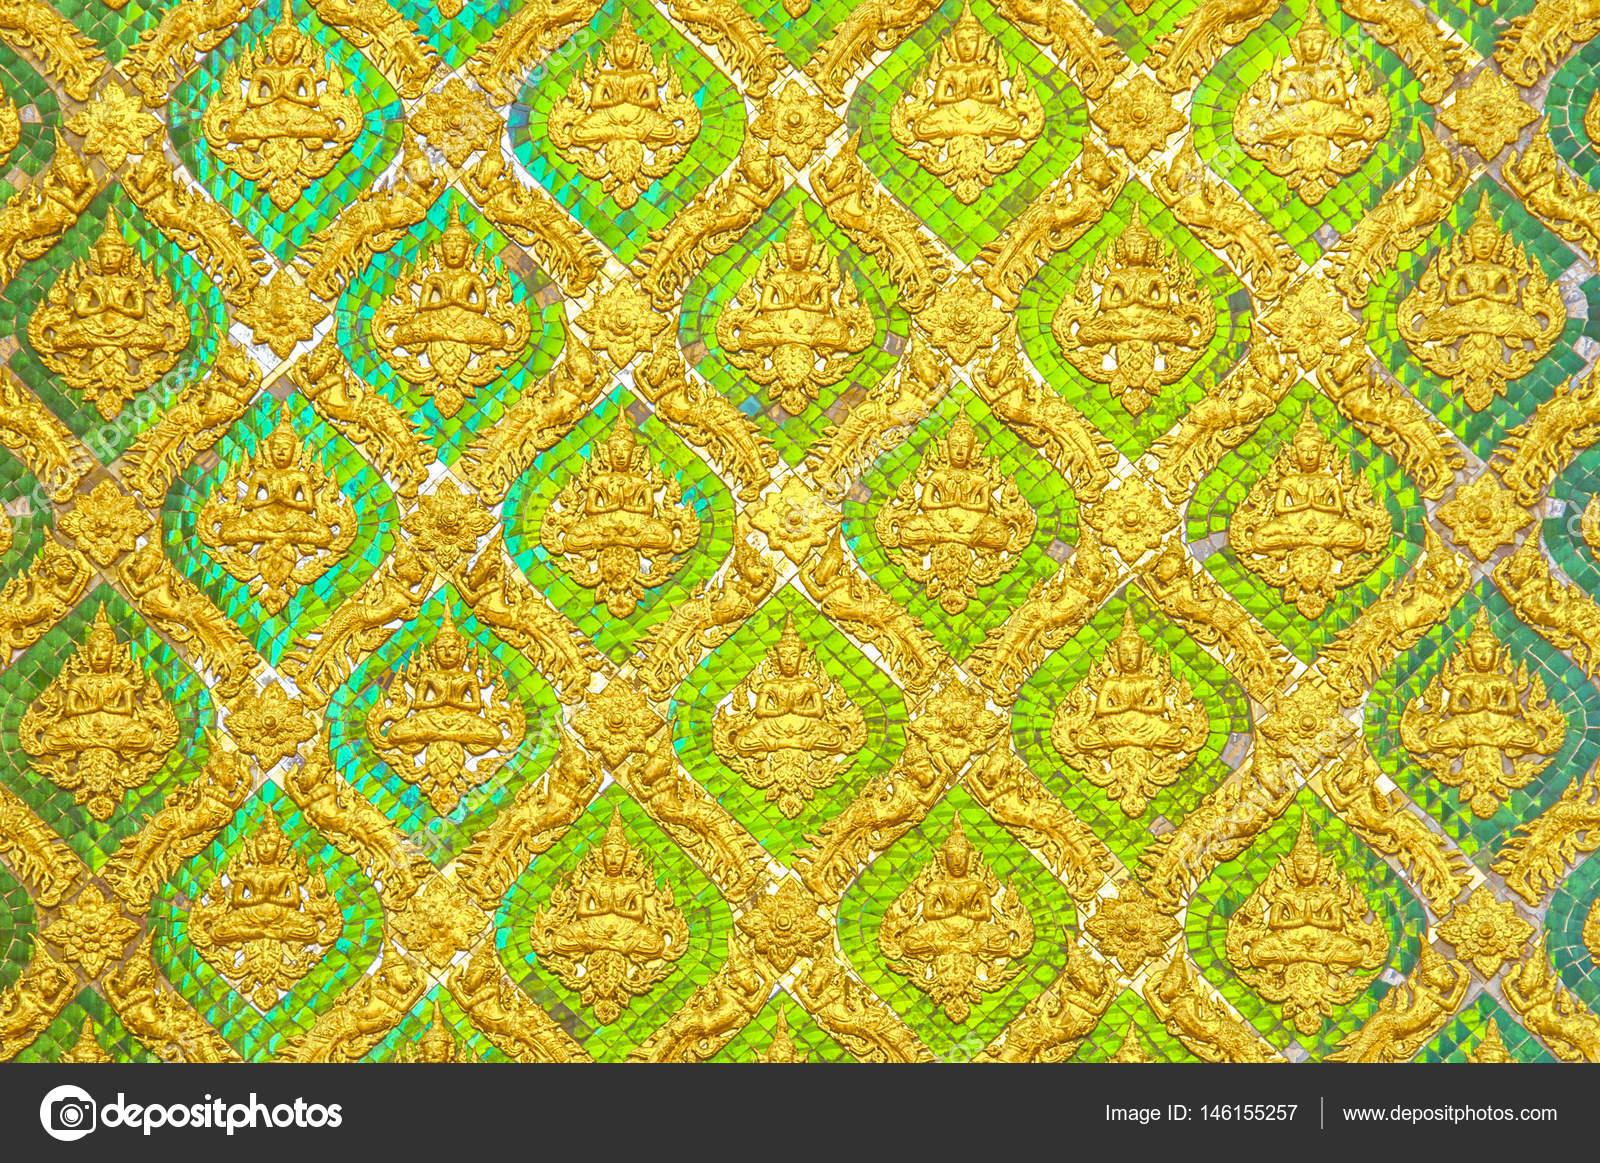 Klassische Fliese. Klassische Keramik Mosaik Fliesen-Muster mit ...